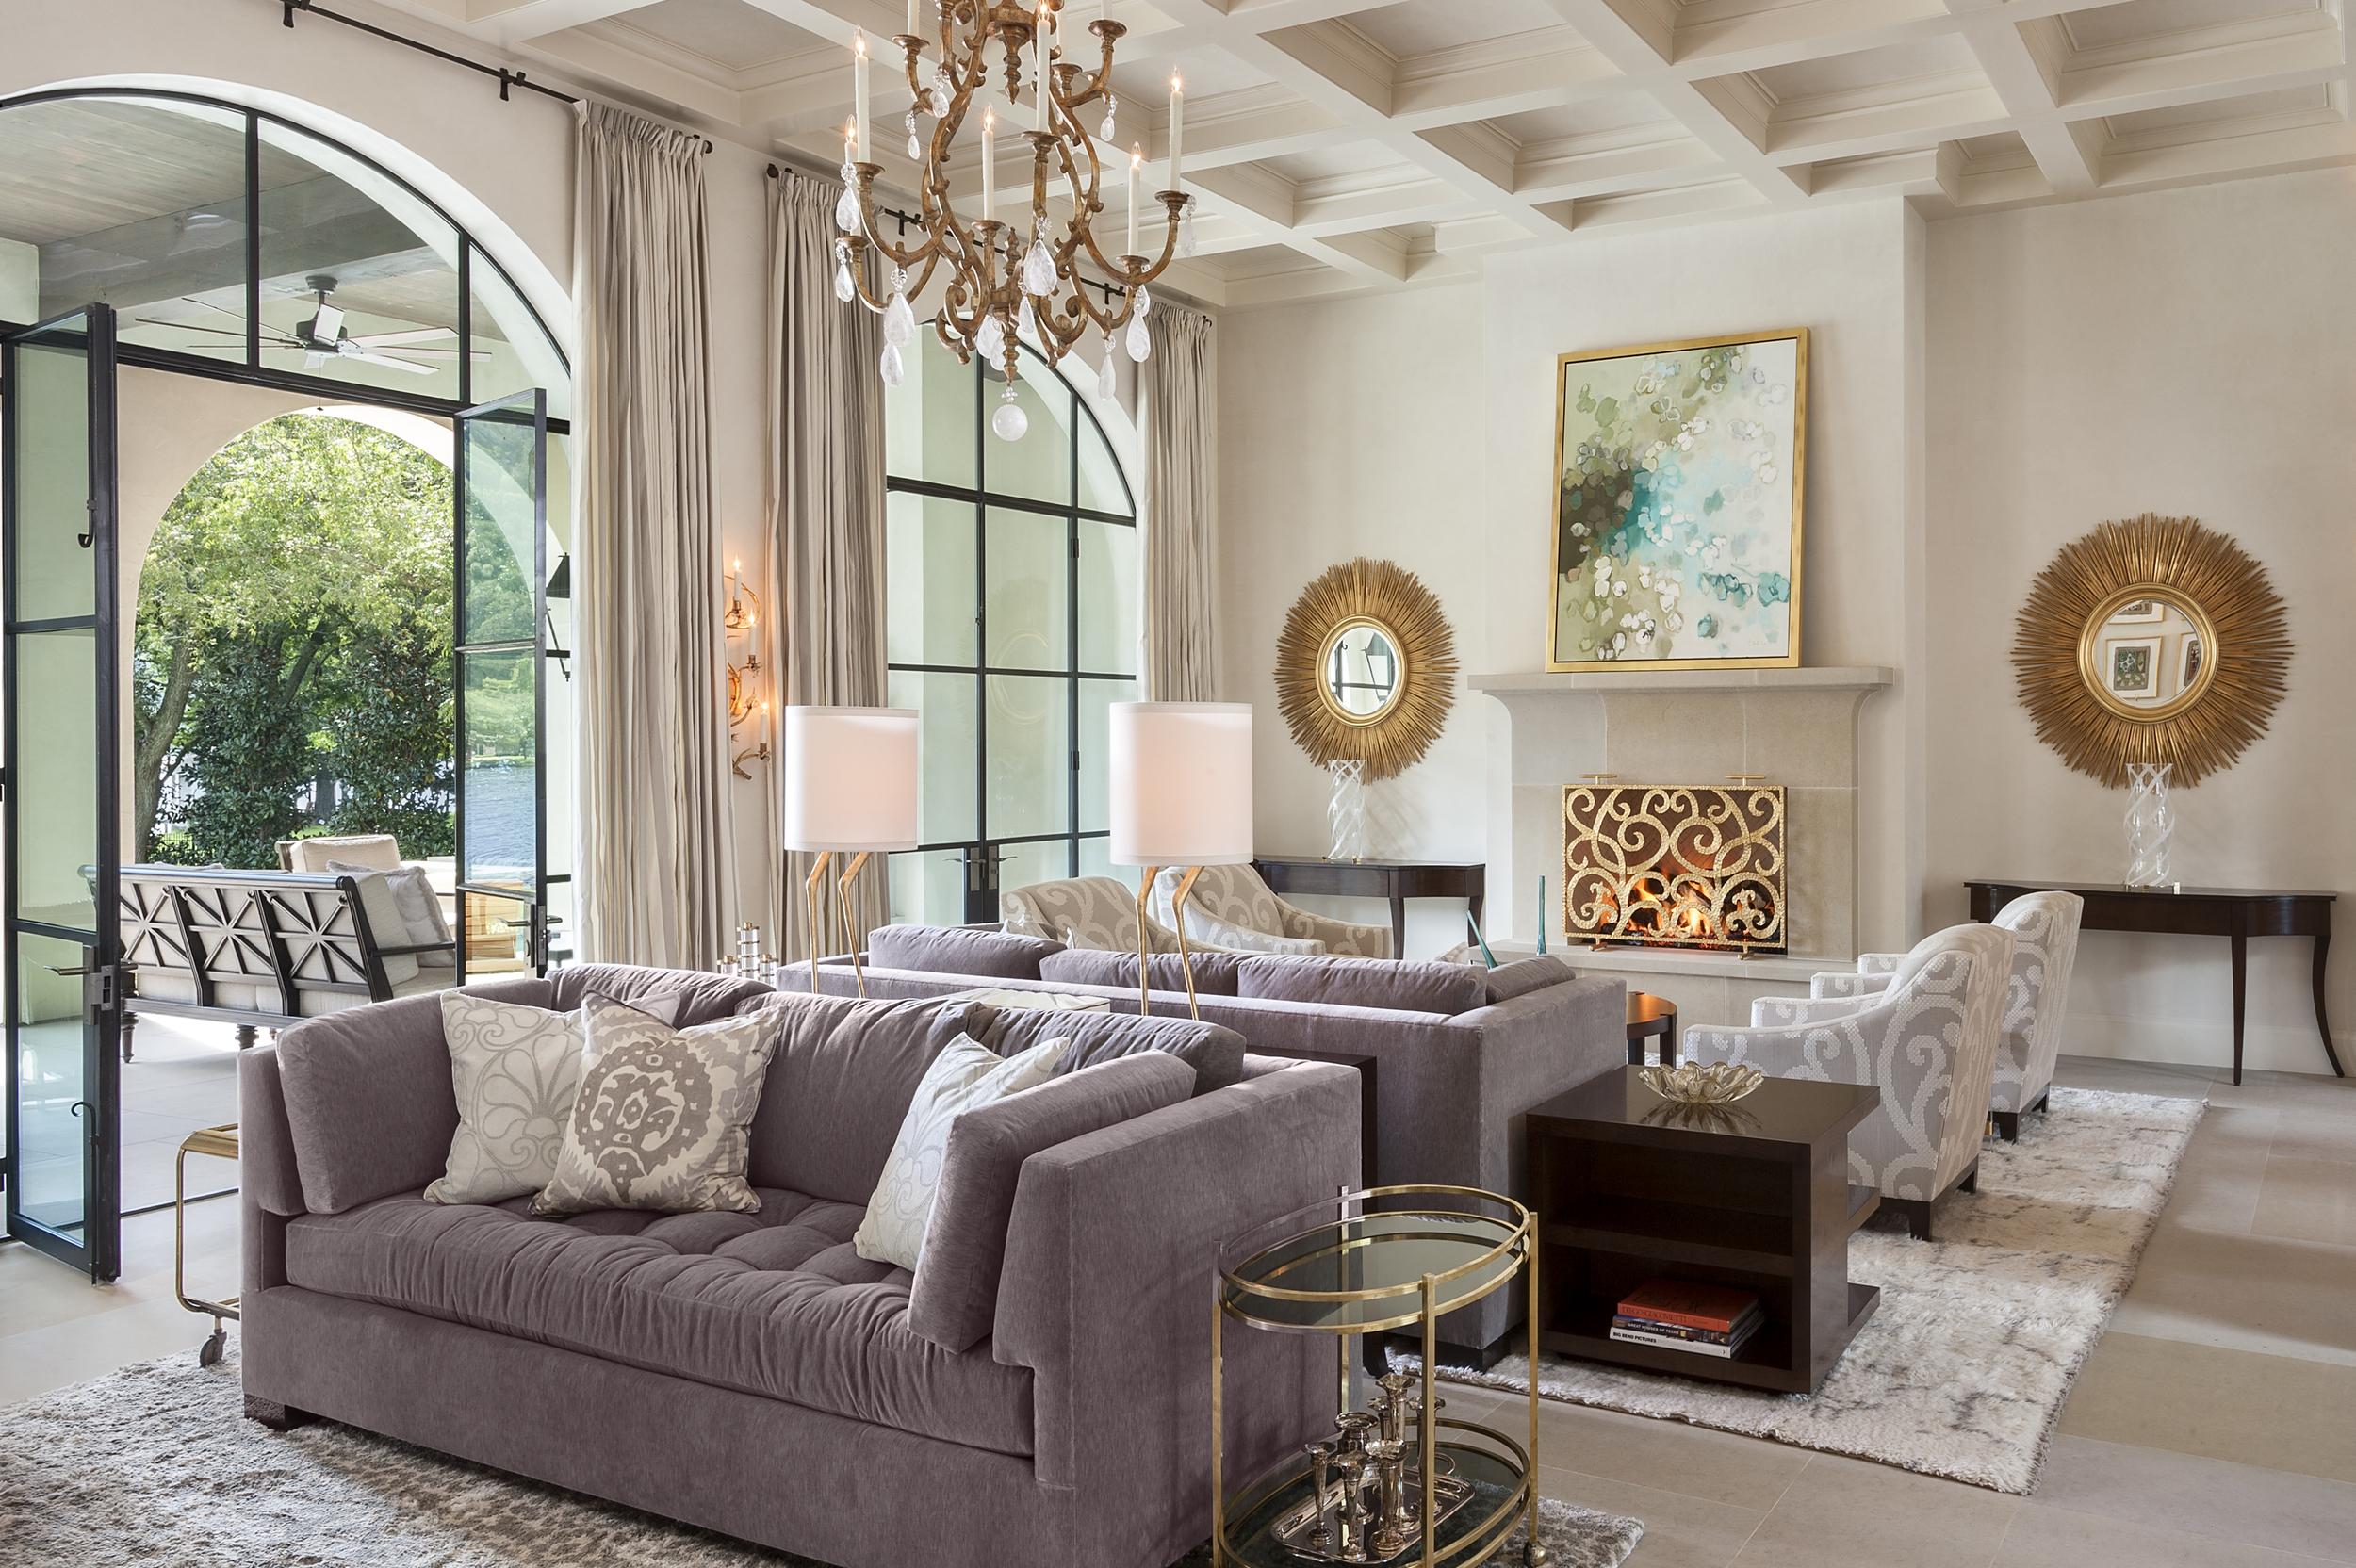 Living room_64.jpg